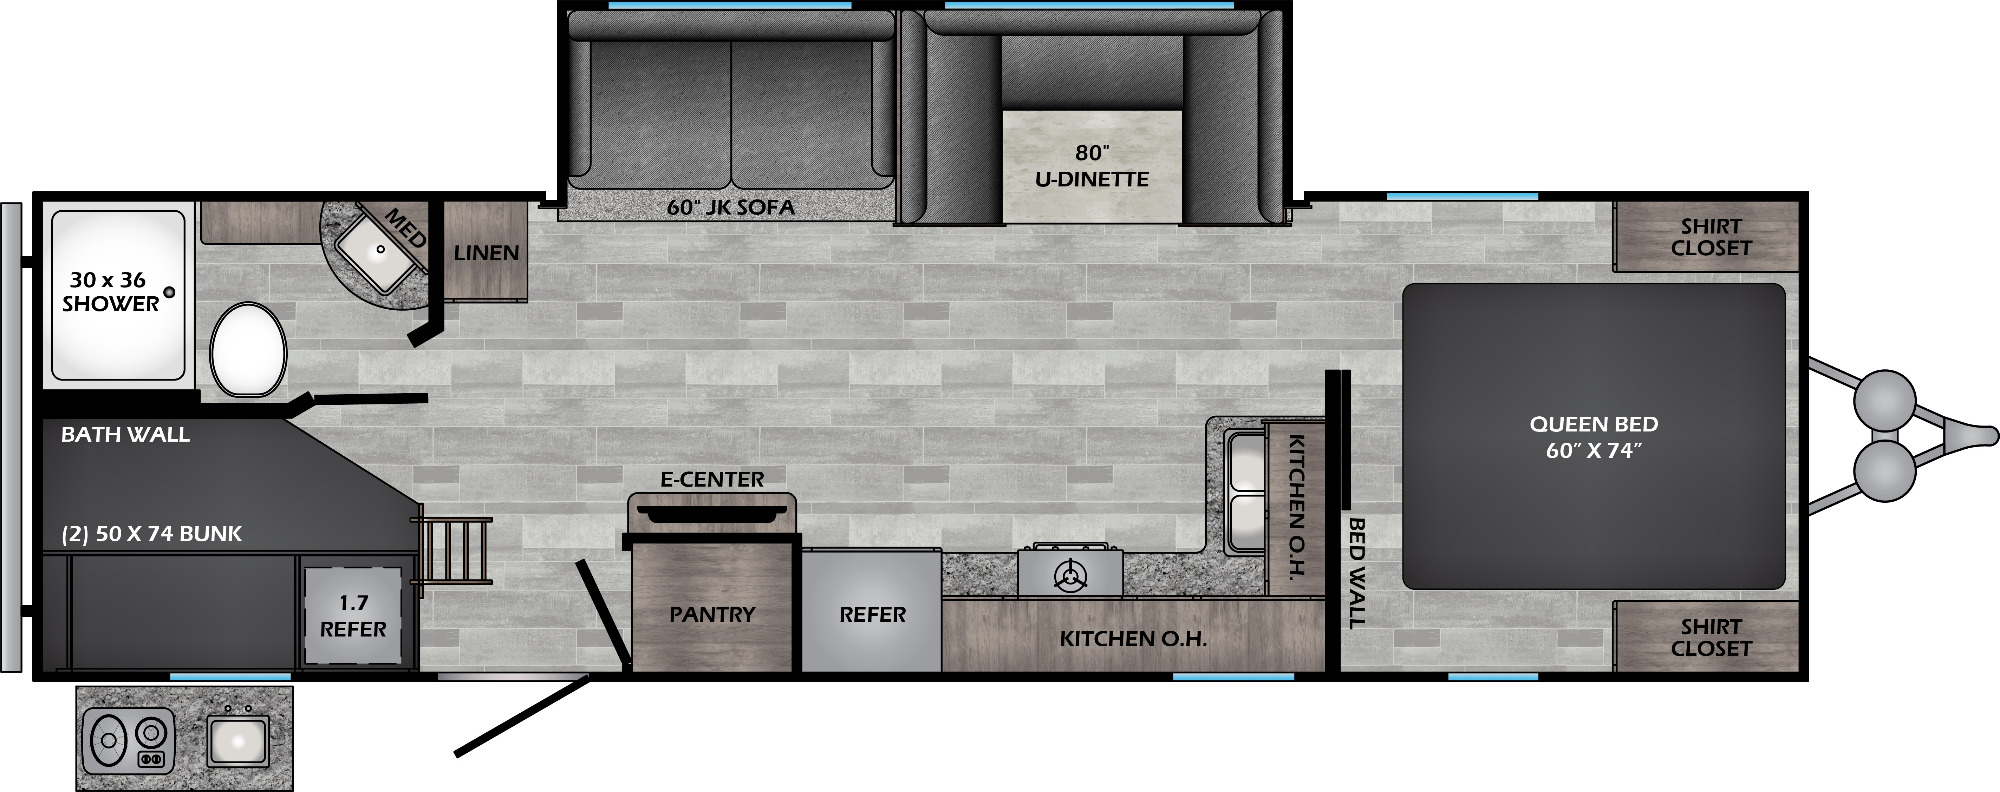 View Floor Plan for 2022 CROSSROADS ZINGER 280BH